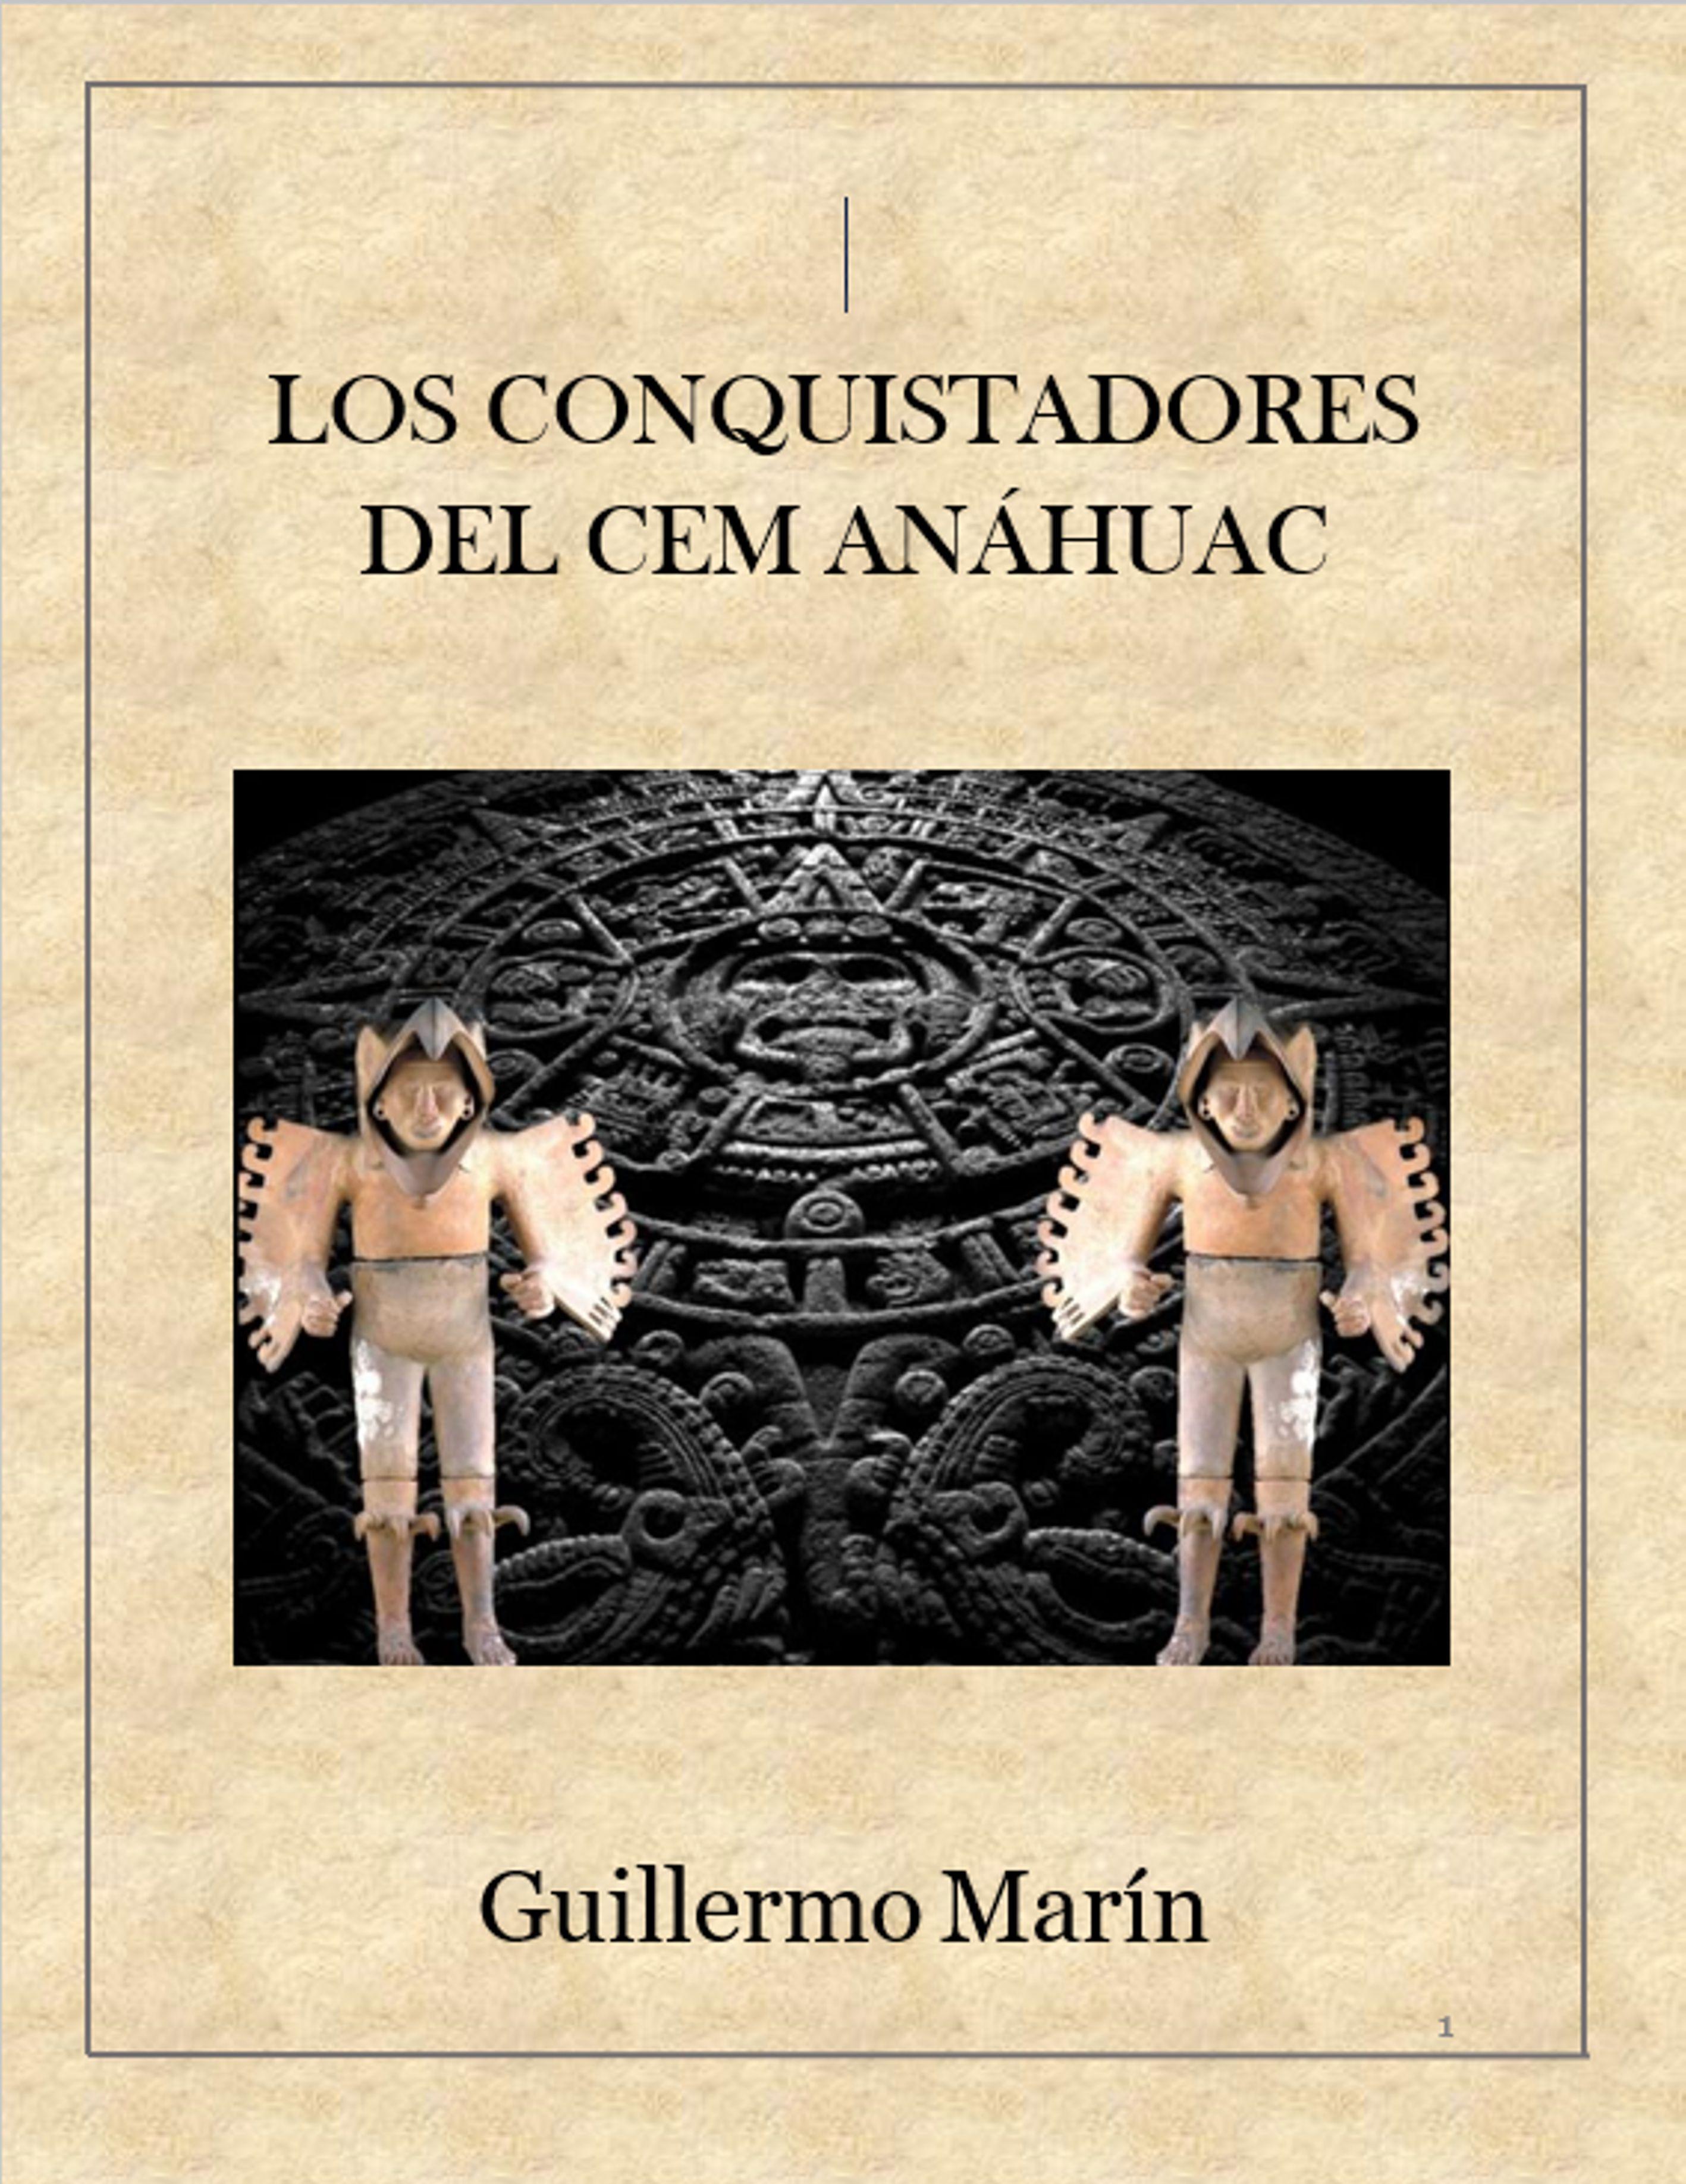 Los conquistadores del CEM ANÁHUAC<br><br>